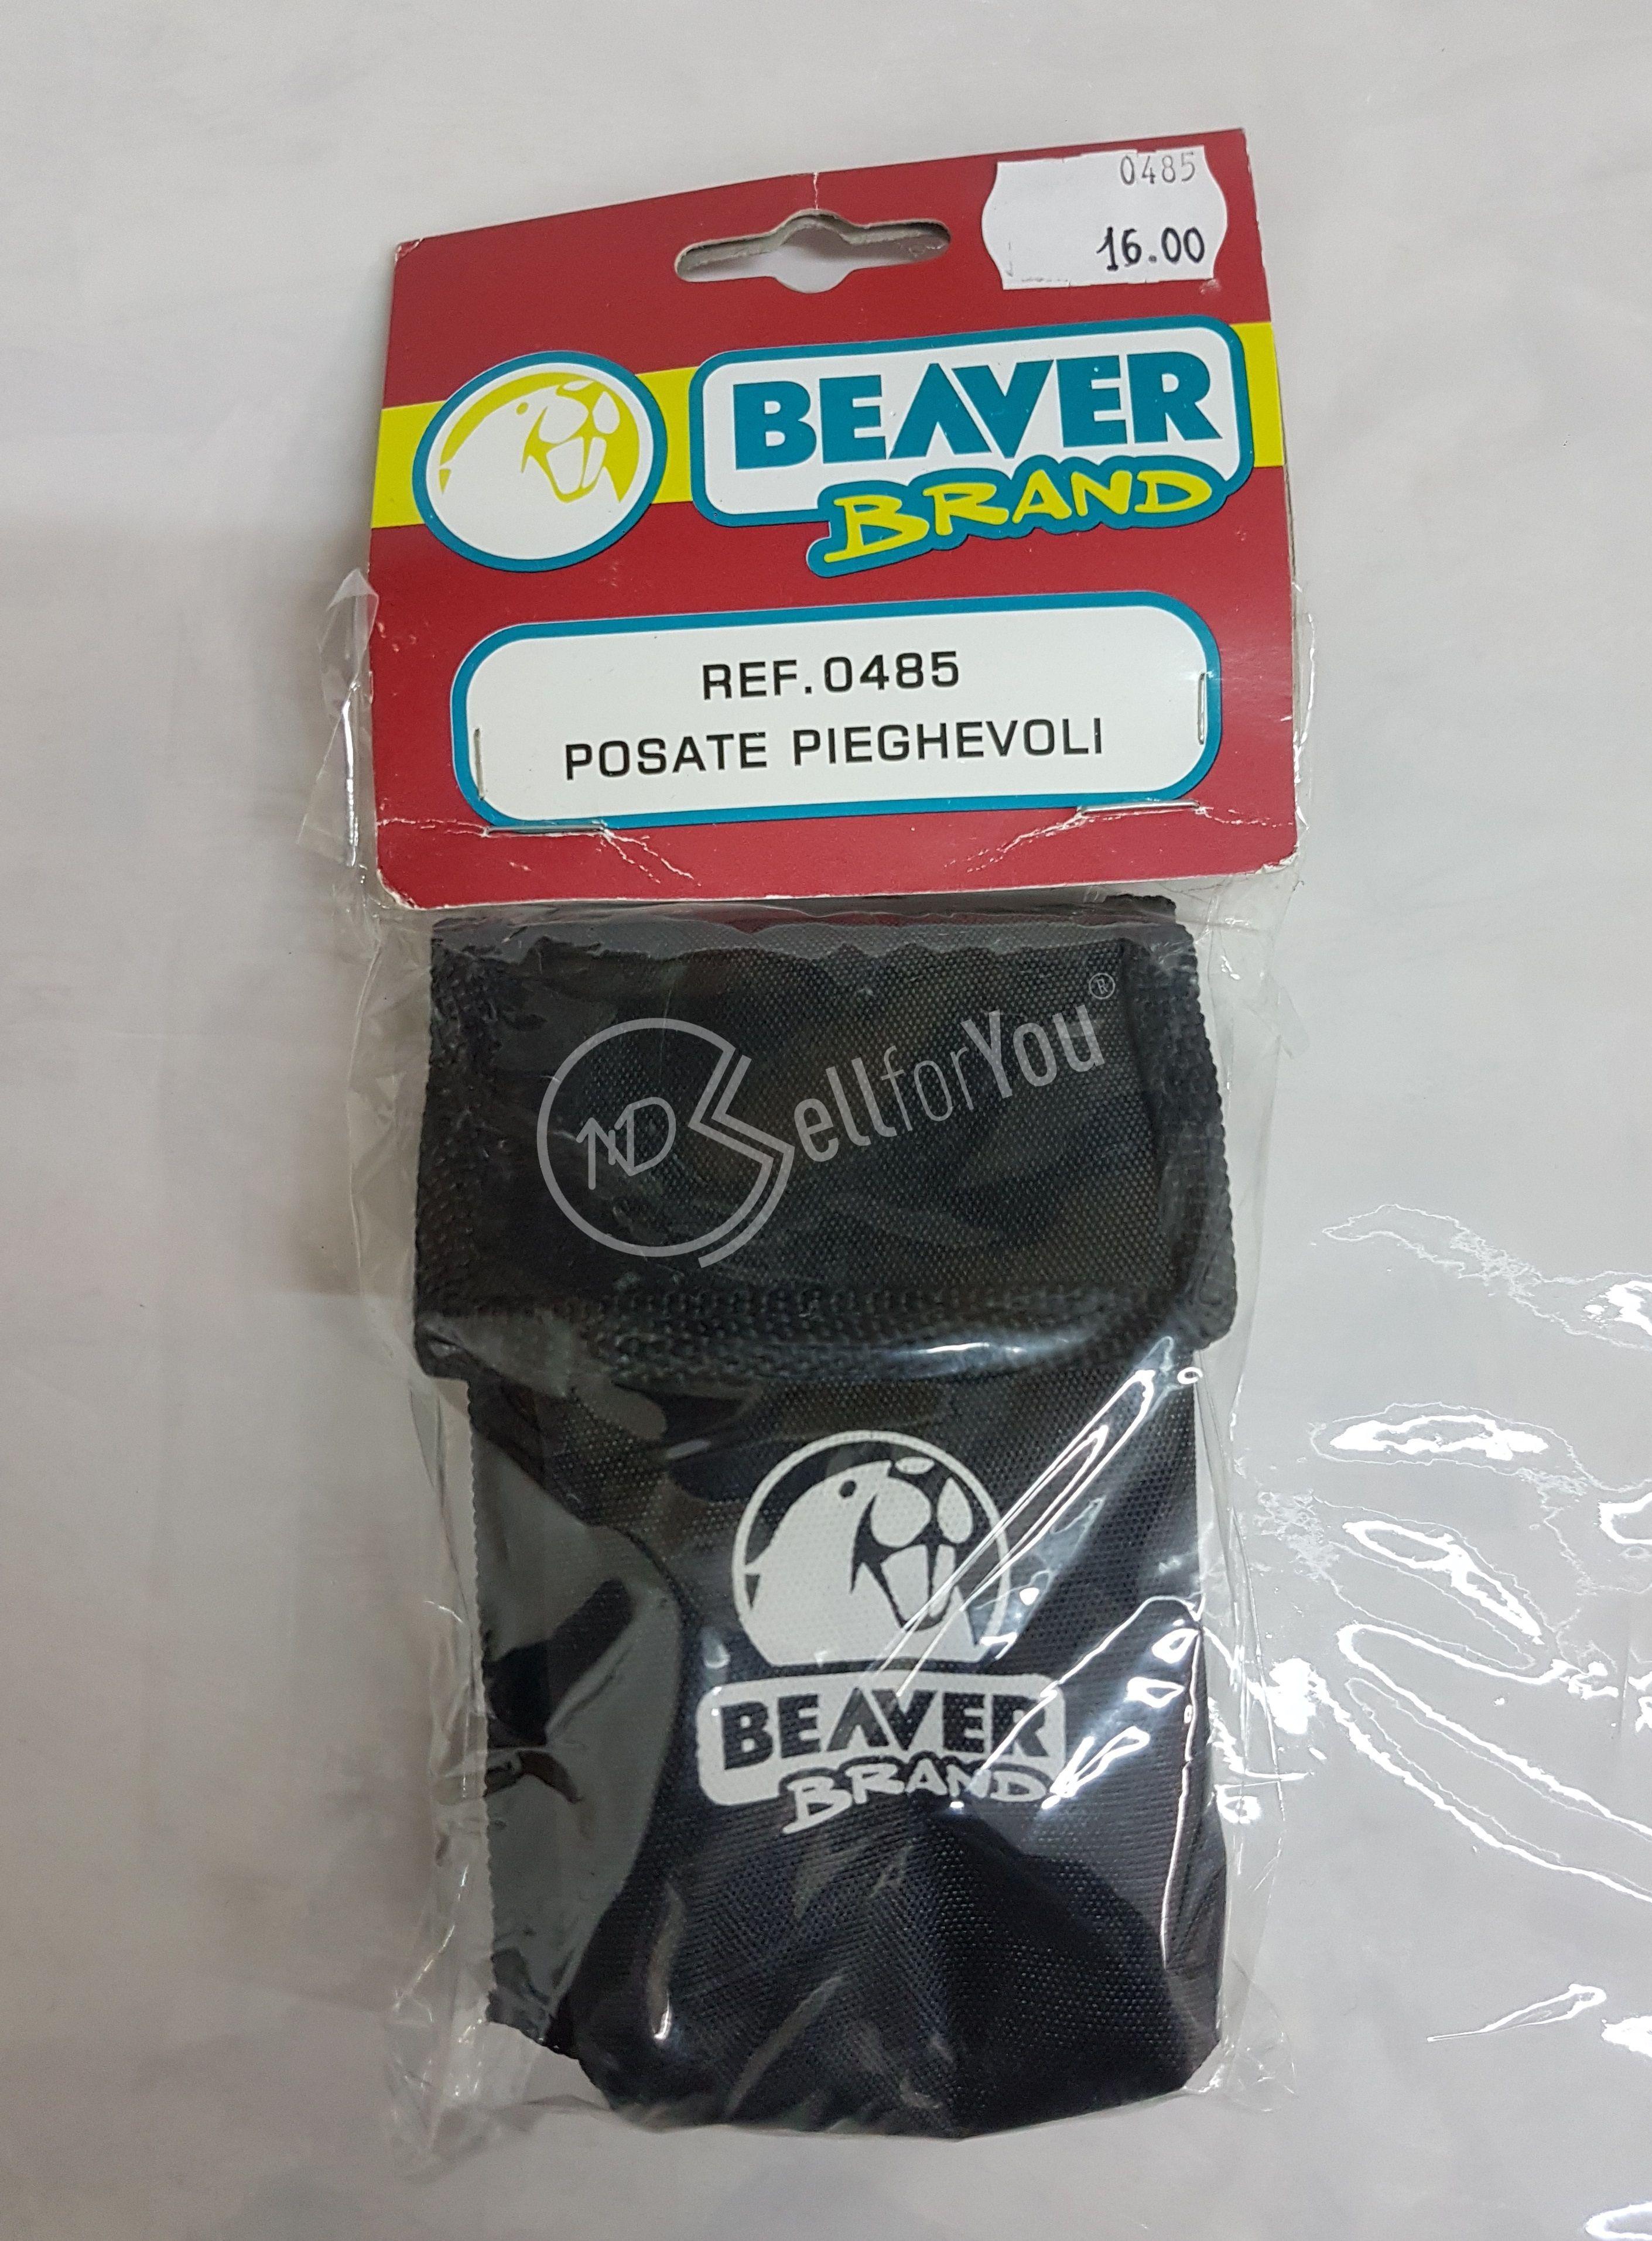 sellforyou immagine default articolo correlato non trovatoPosate pieghevoli Beaver Brand